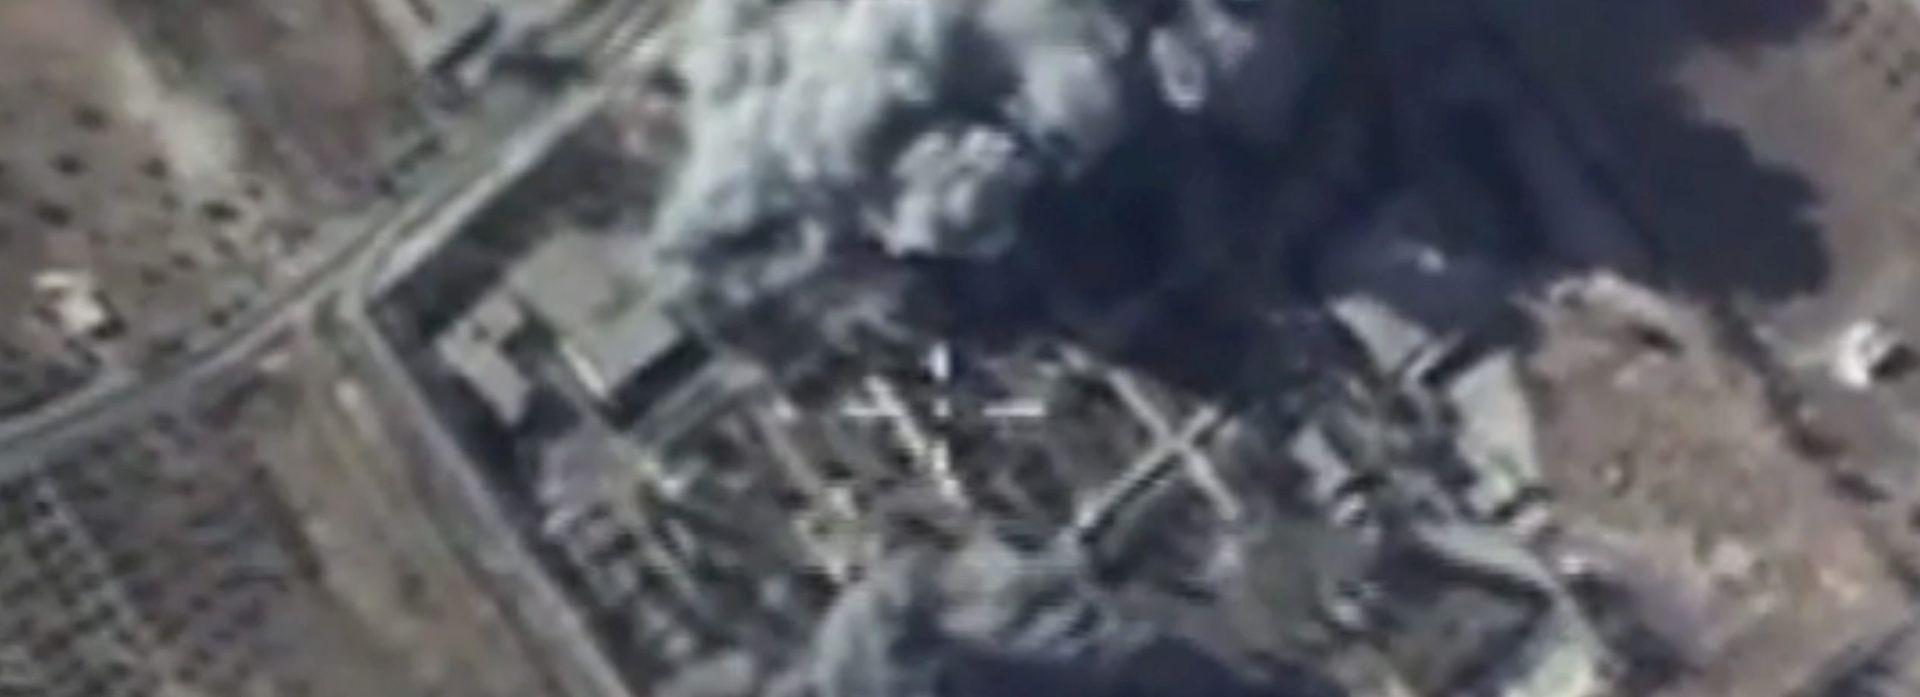 ZRAČNI NAPADI: 29 civila poginulo u napadima za koje se vjeruje da su ruski